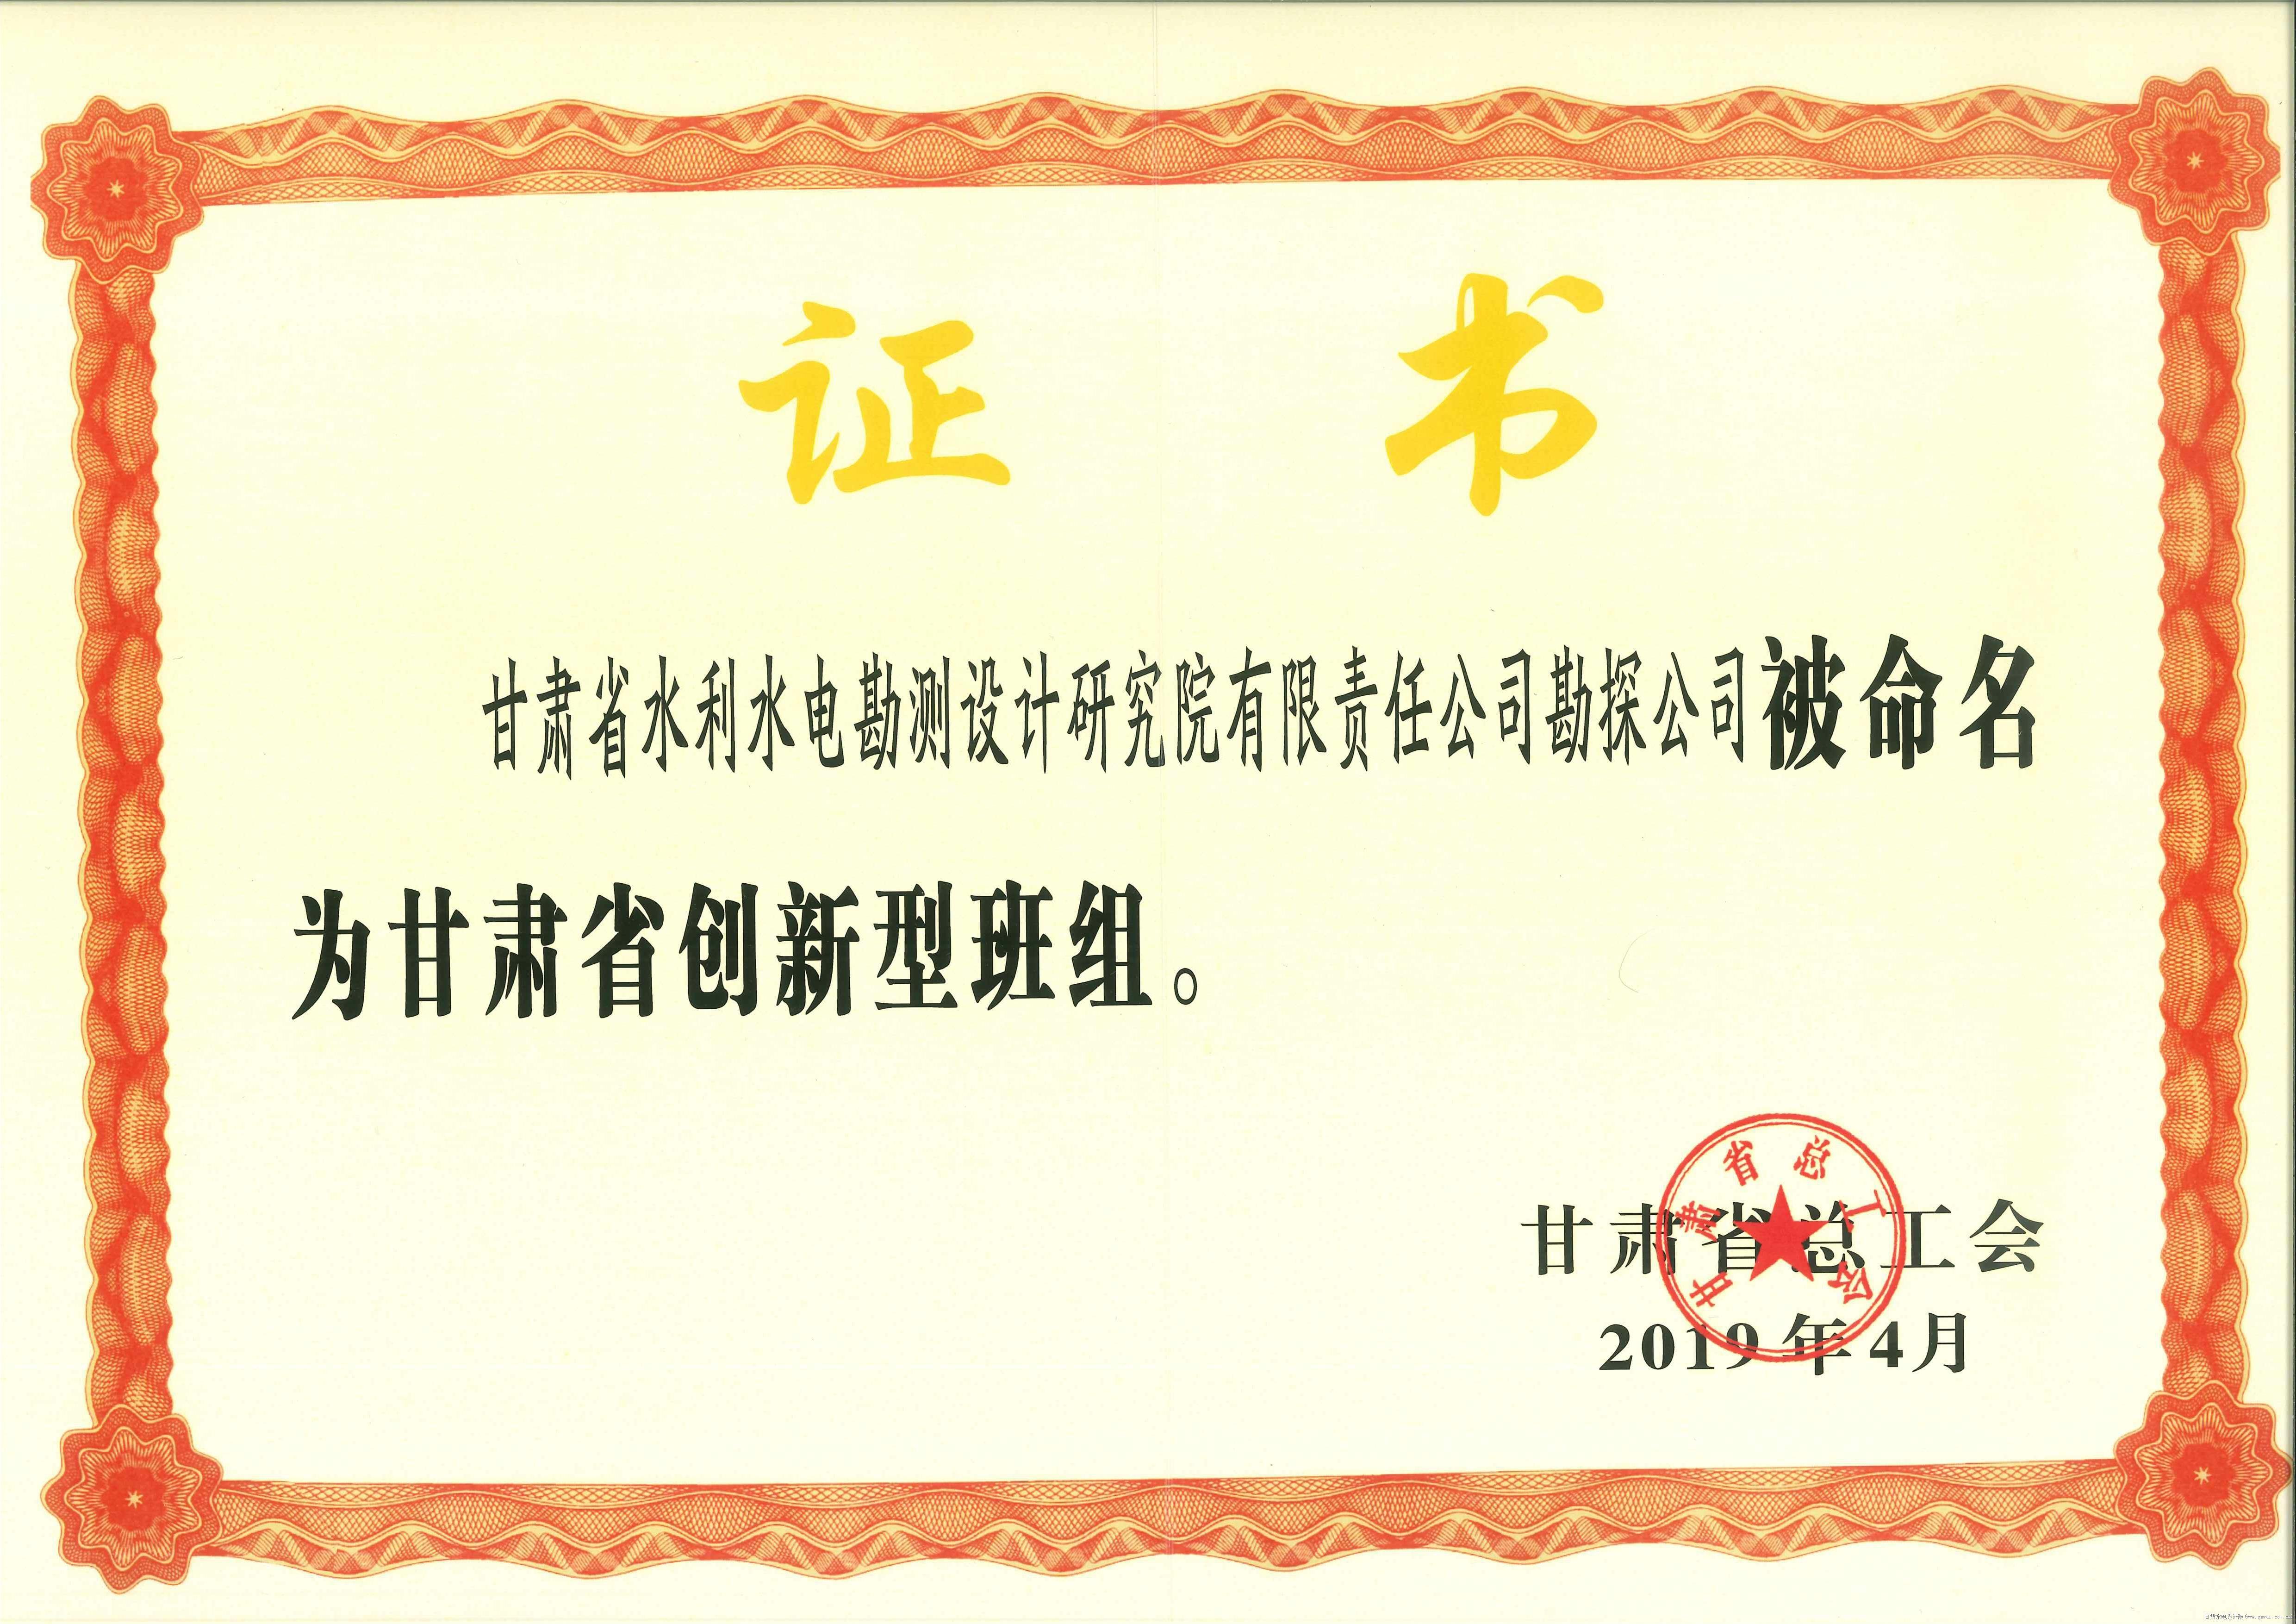 甘肃省水利水电设计勘测研究院有限责任|手绘线条绘制图片